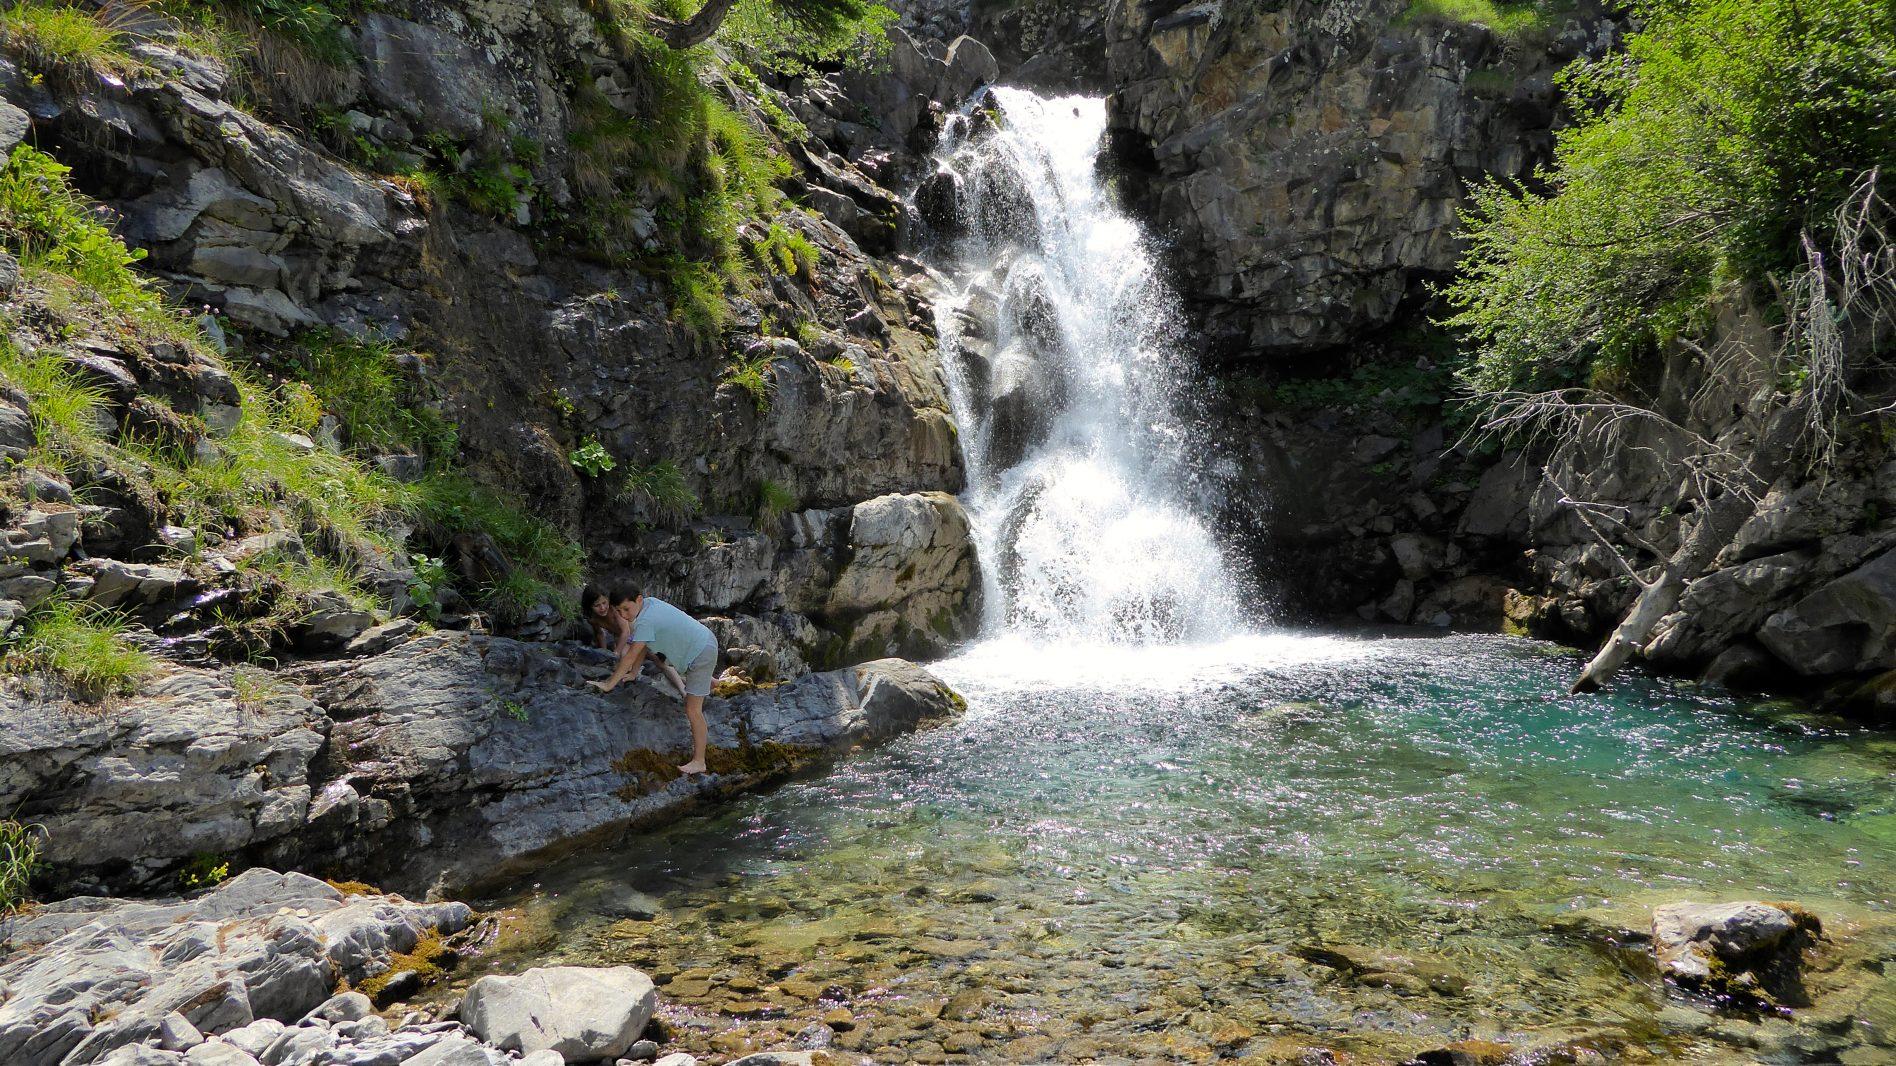 Plantes médicinales des montagnes : mes découvertes de l'été